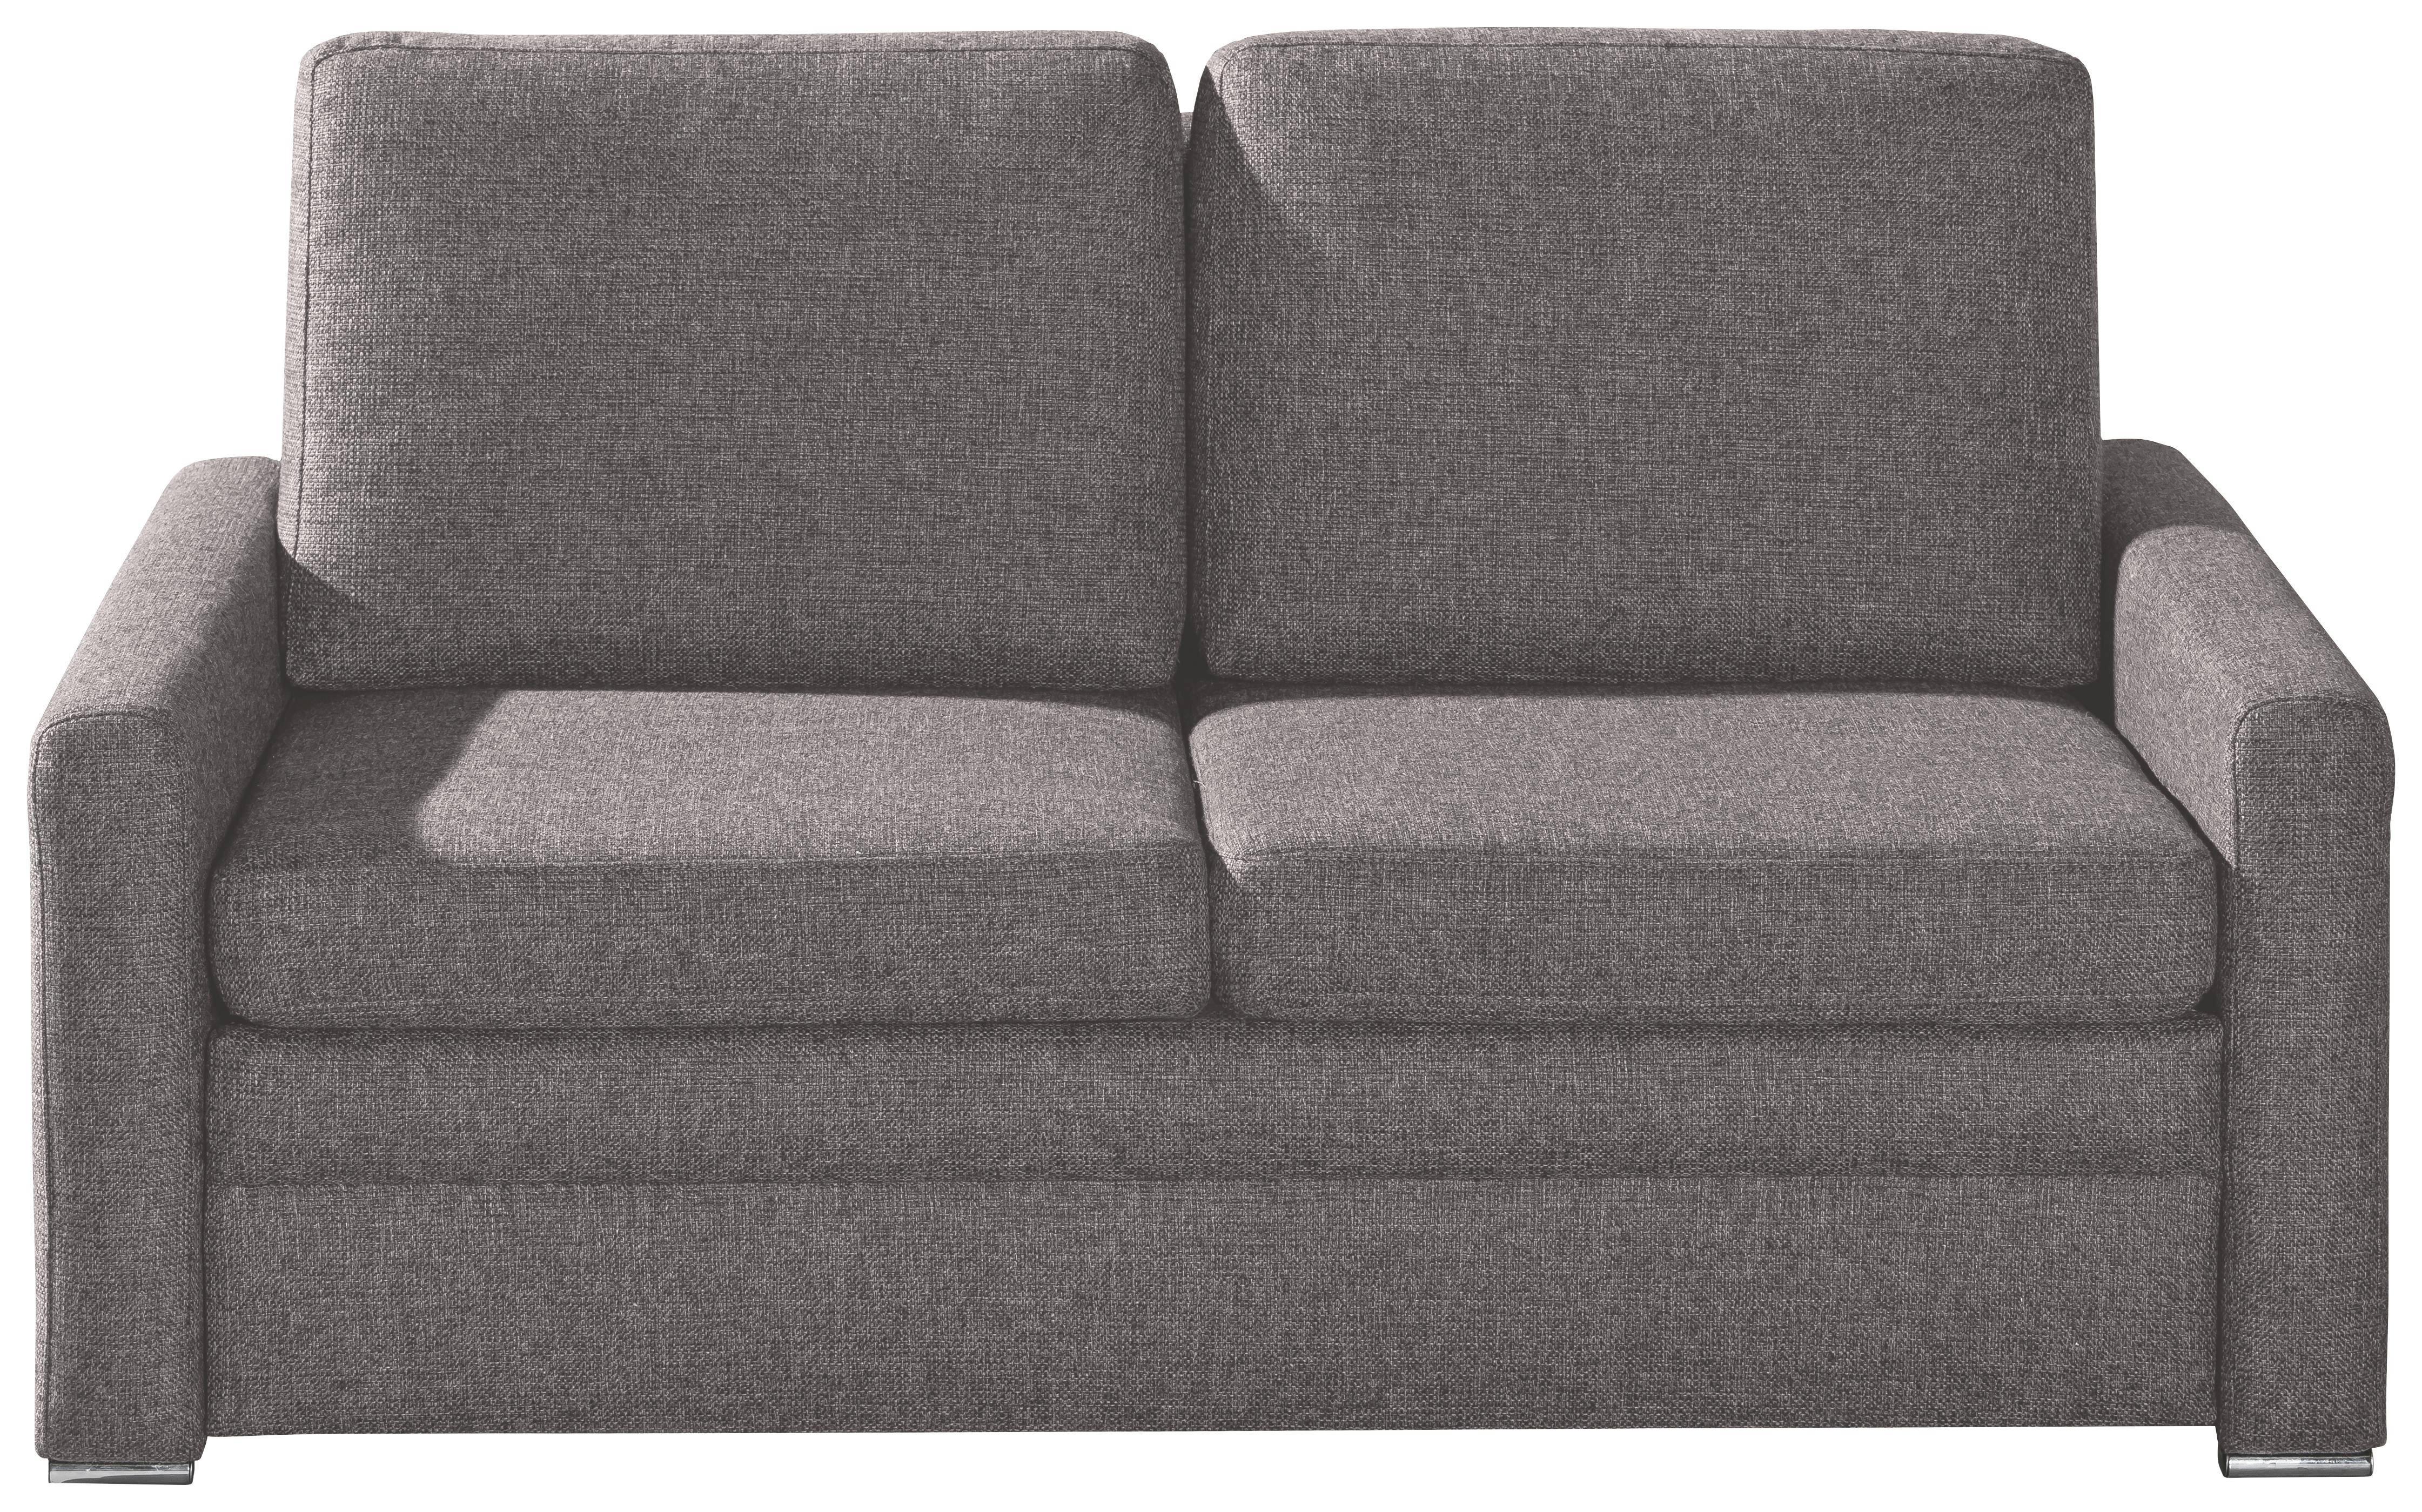 SCHLAFSOFA Webstoff Grau - Chromfarben/Grau, KONVENTIONELL, Textil/Metall (153/83/90cm) - NOVEL